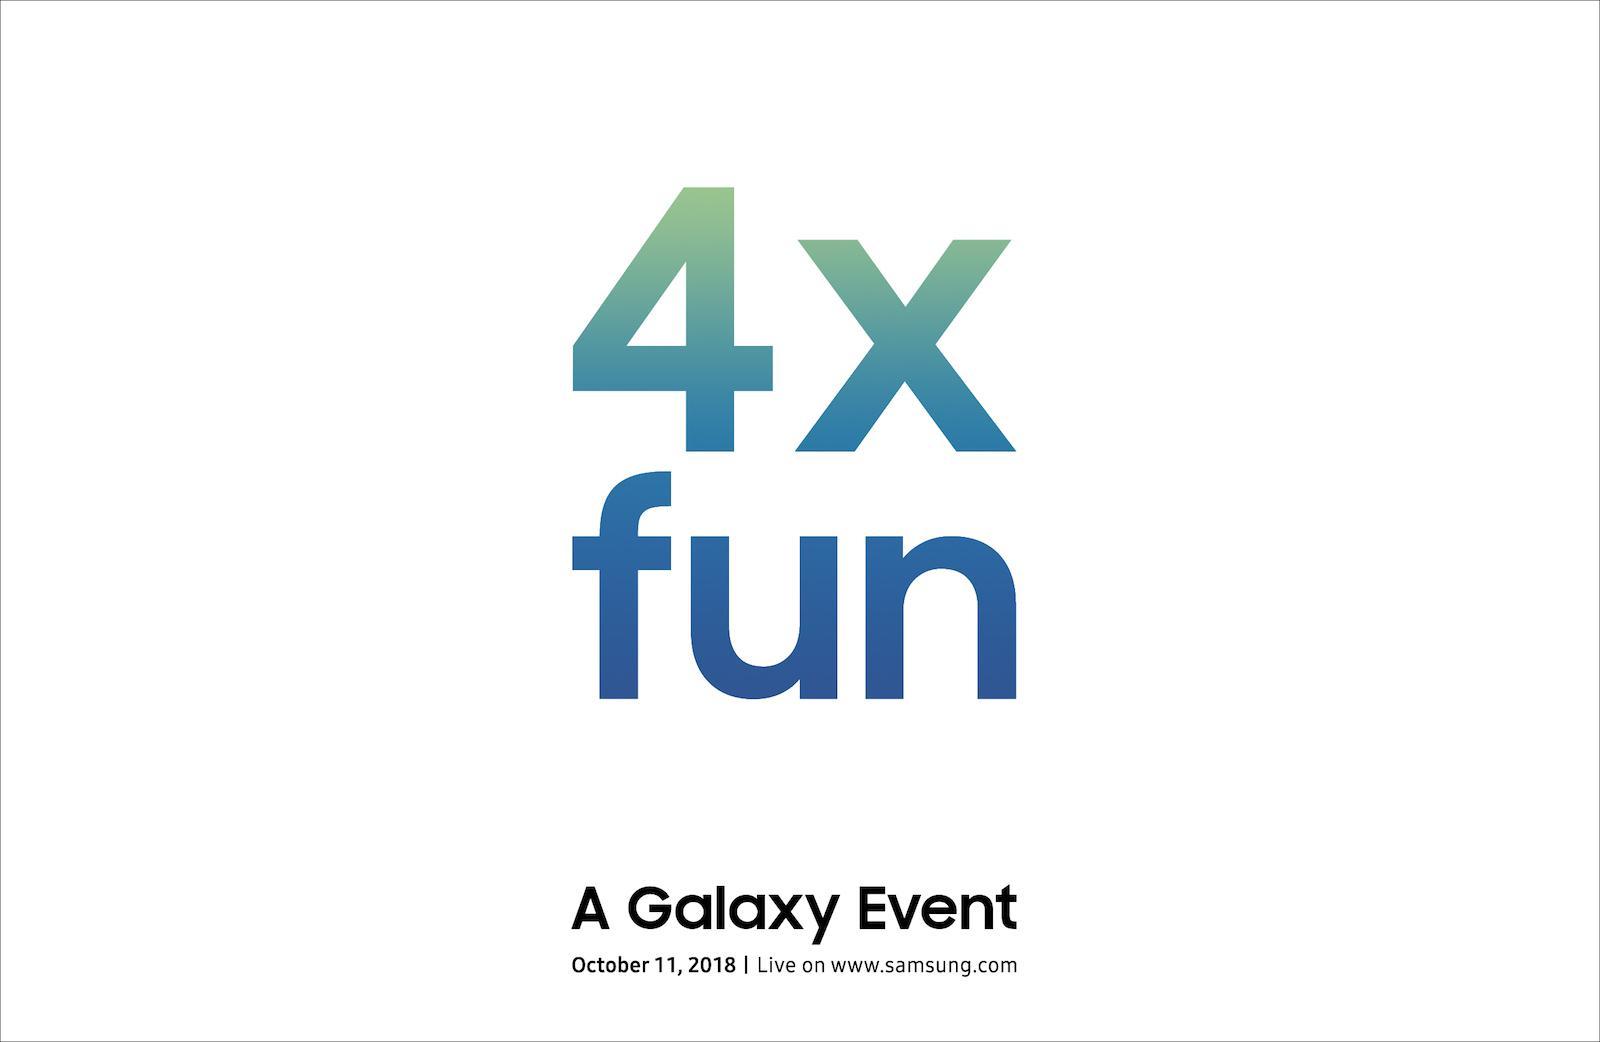 三星将于10月11日发布Galaxy新机 或是折叠屏幕手机?